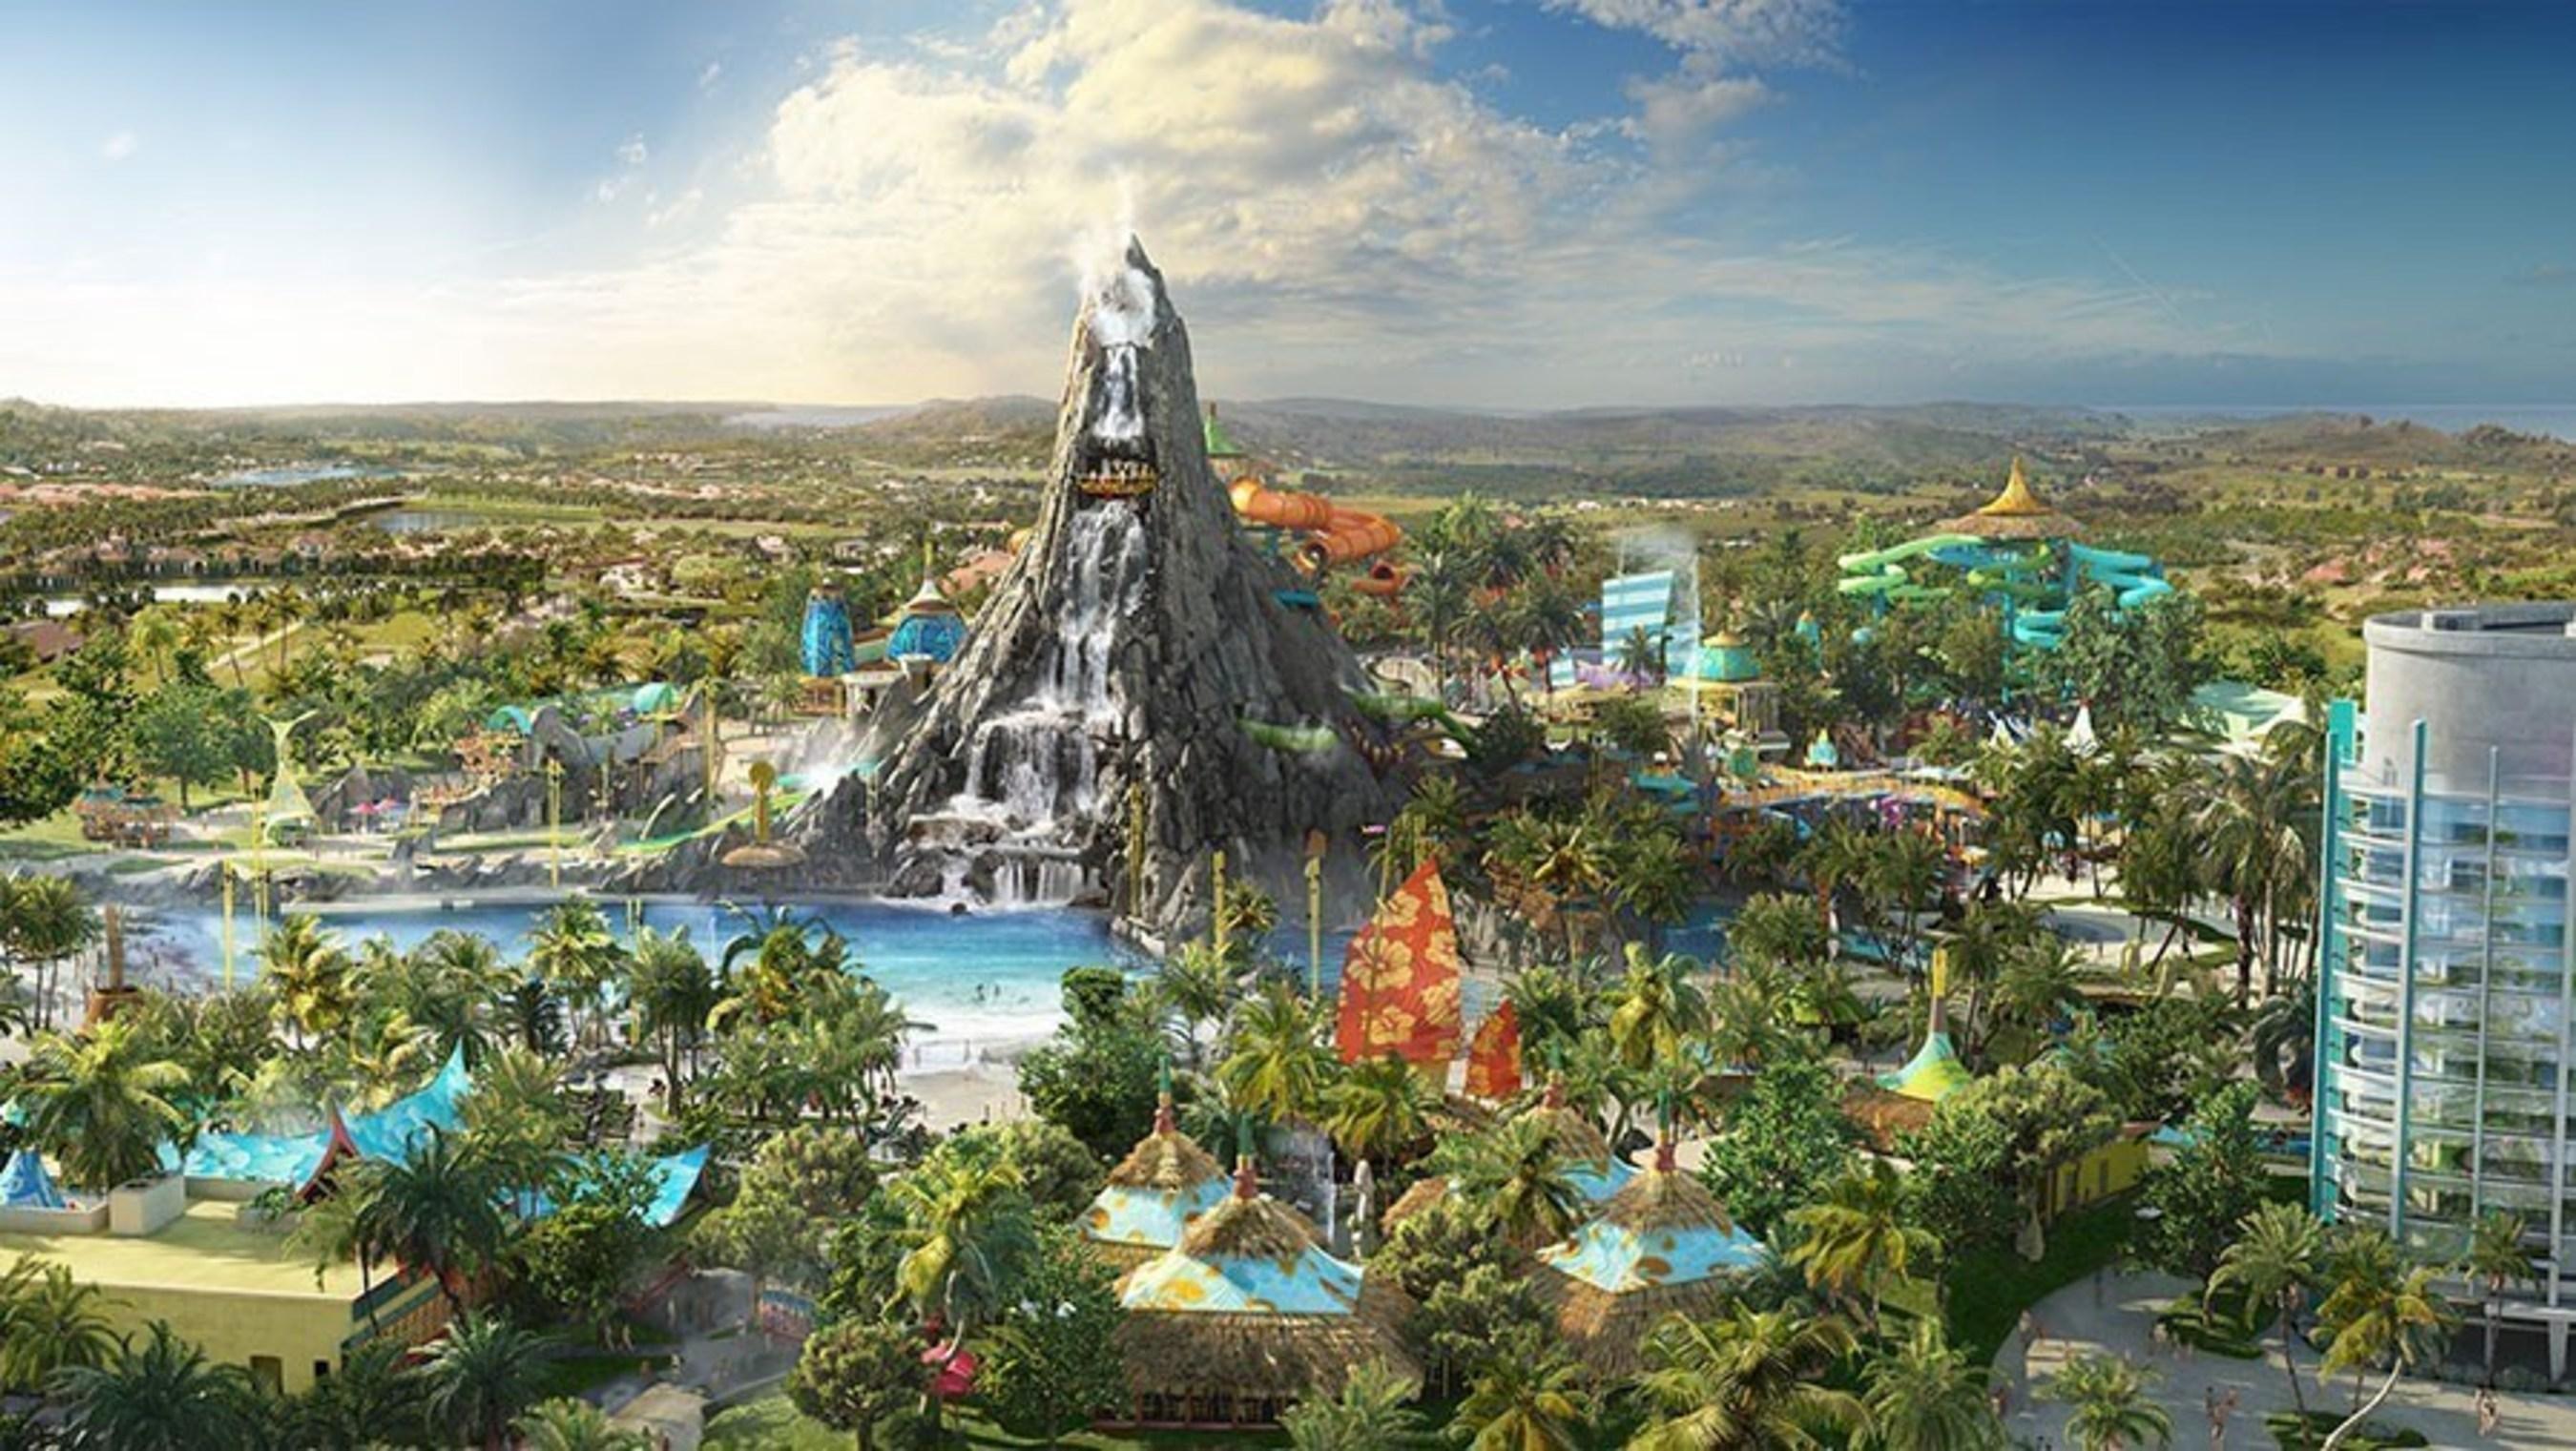 Universal's Volcano Bay Revealed: Universal Orlando Resort's ... on portofino hotel orlando pool, portofino orlando map, hard rock universal orlando, portofino orlando rooms, royal pacific universal orlando, loews at universal orlando,